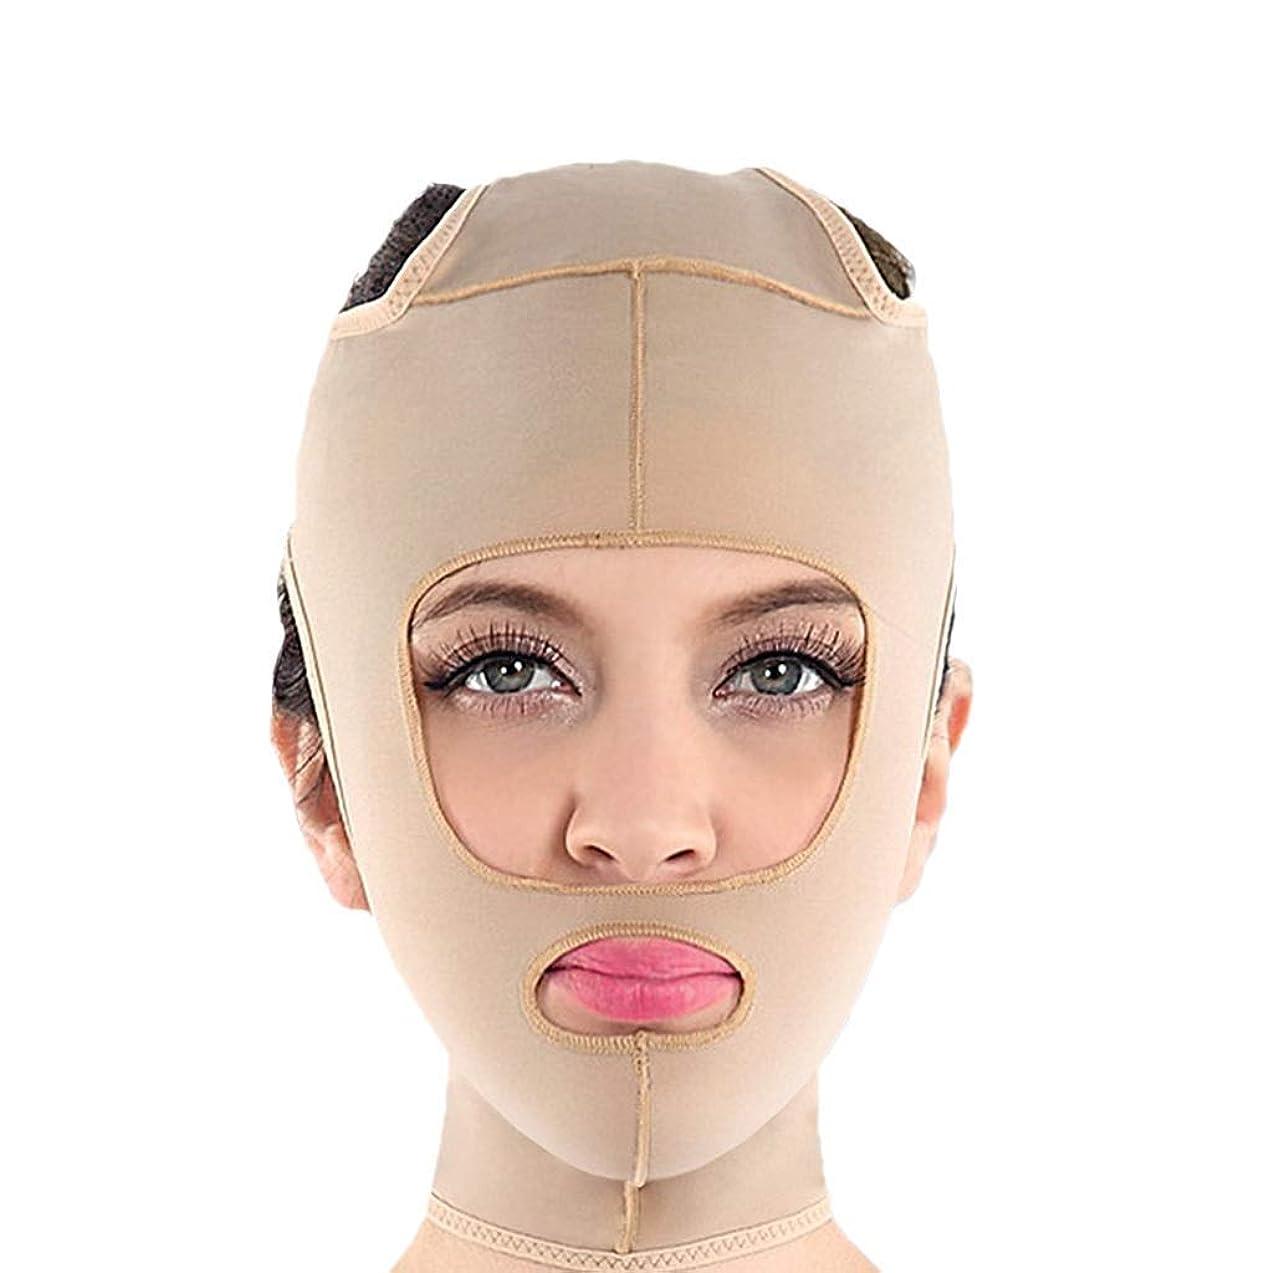 差別的重要スタンドフェイスリフティング、ダブルチンストラップ、フェイシャル減量マスク、ダブルチンを減らすリフティングヌードル、ファーミングフェイス、パワフルリフティングマスク(サイズ:M),S